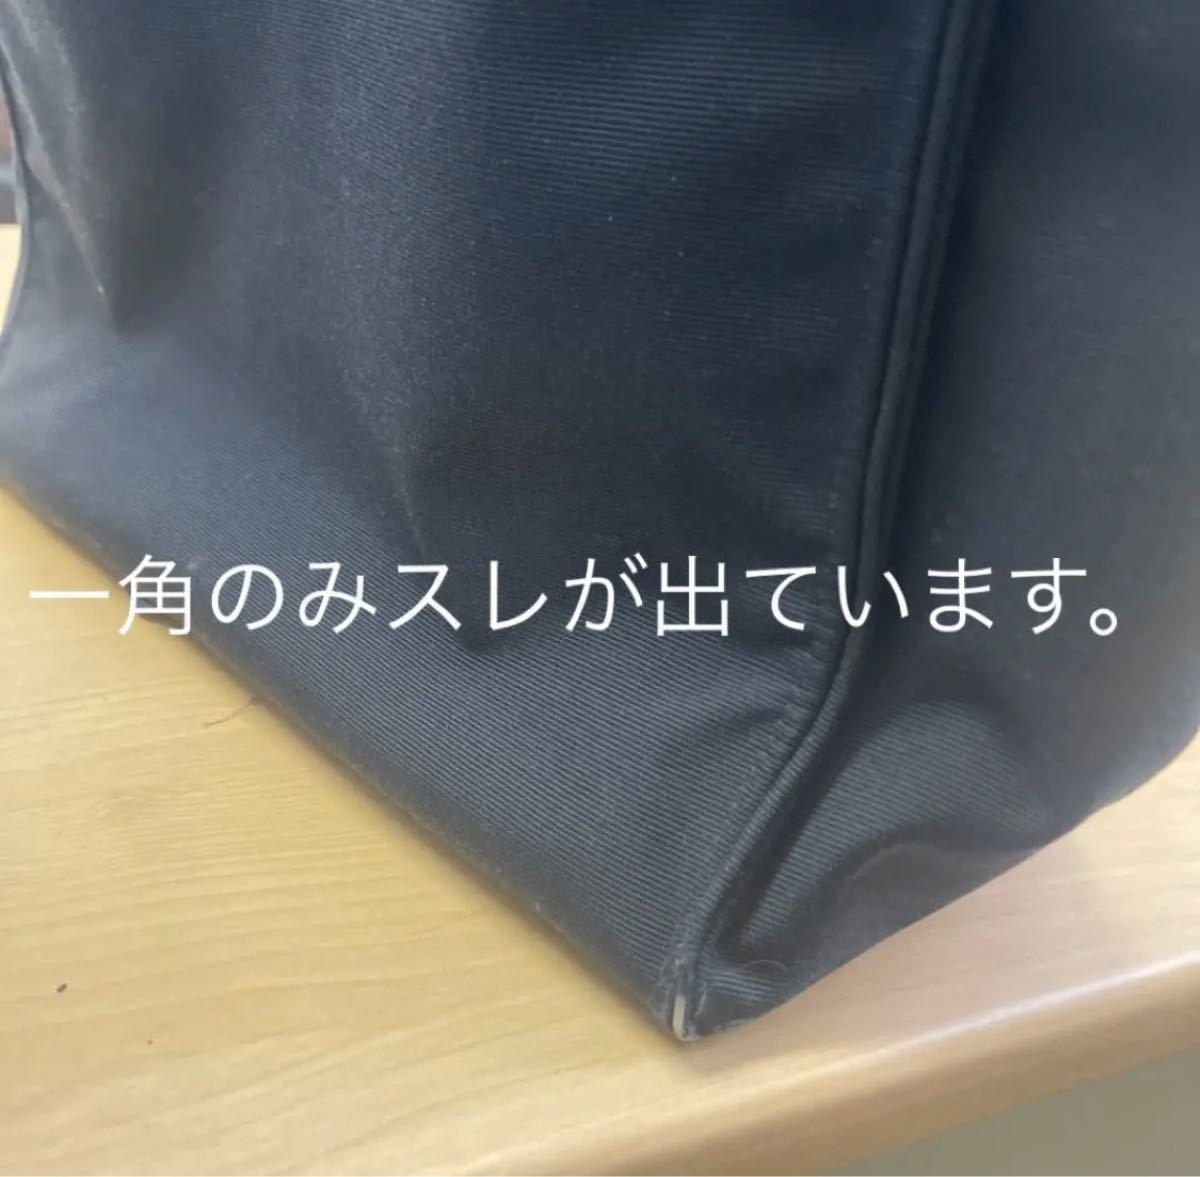 【値下げ!!】ラルフローレン トートバッグ マザーズバッグ ネイビー